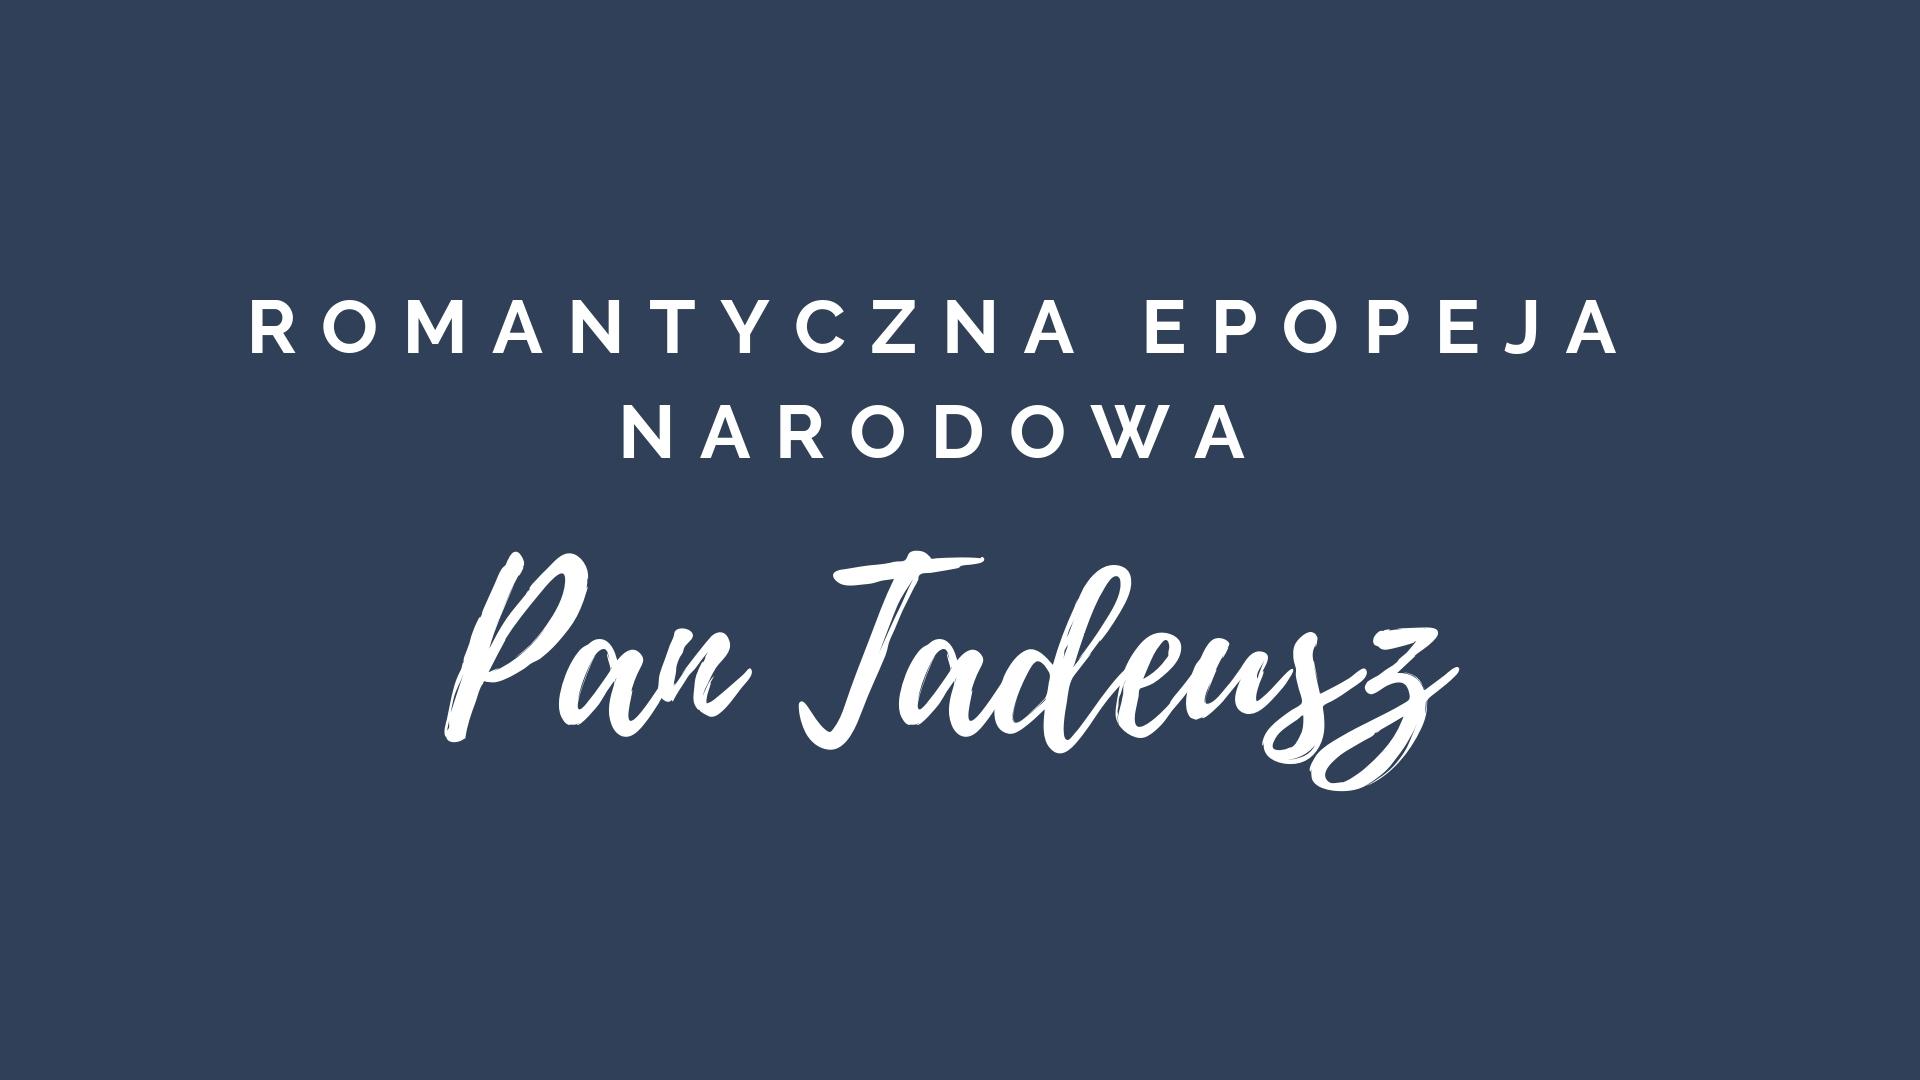 Pan Tadeusz - romantyczna epopeja narodowa